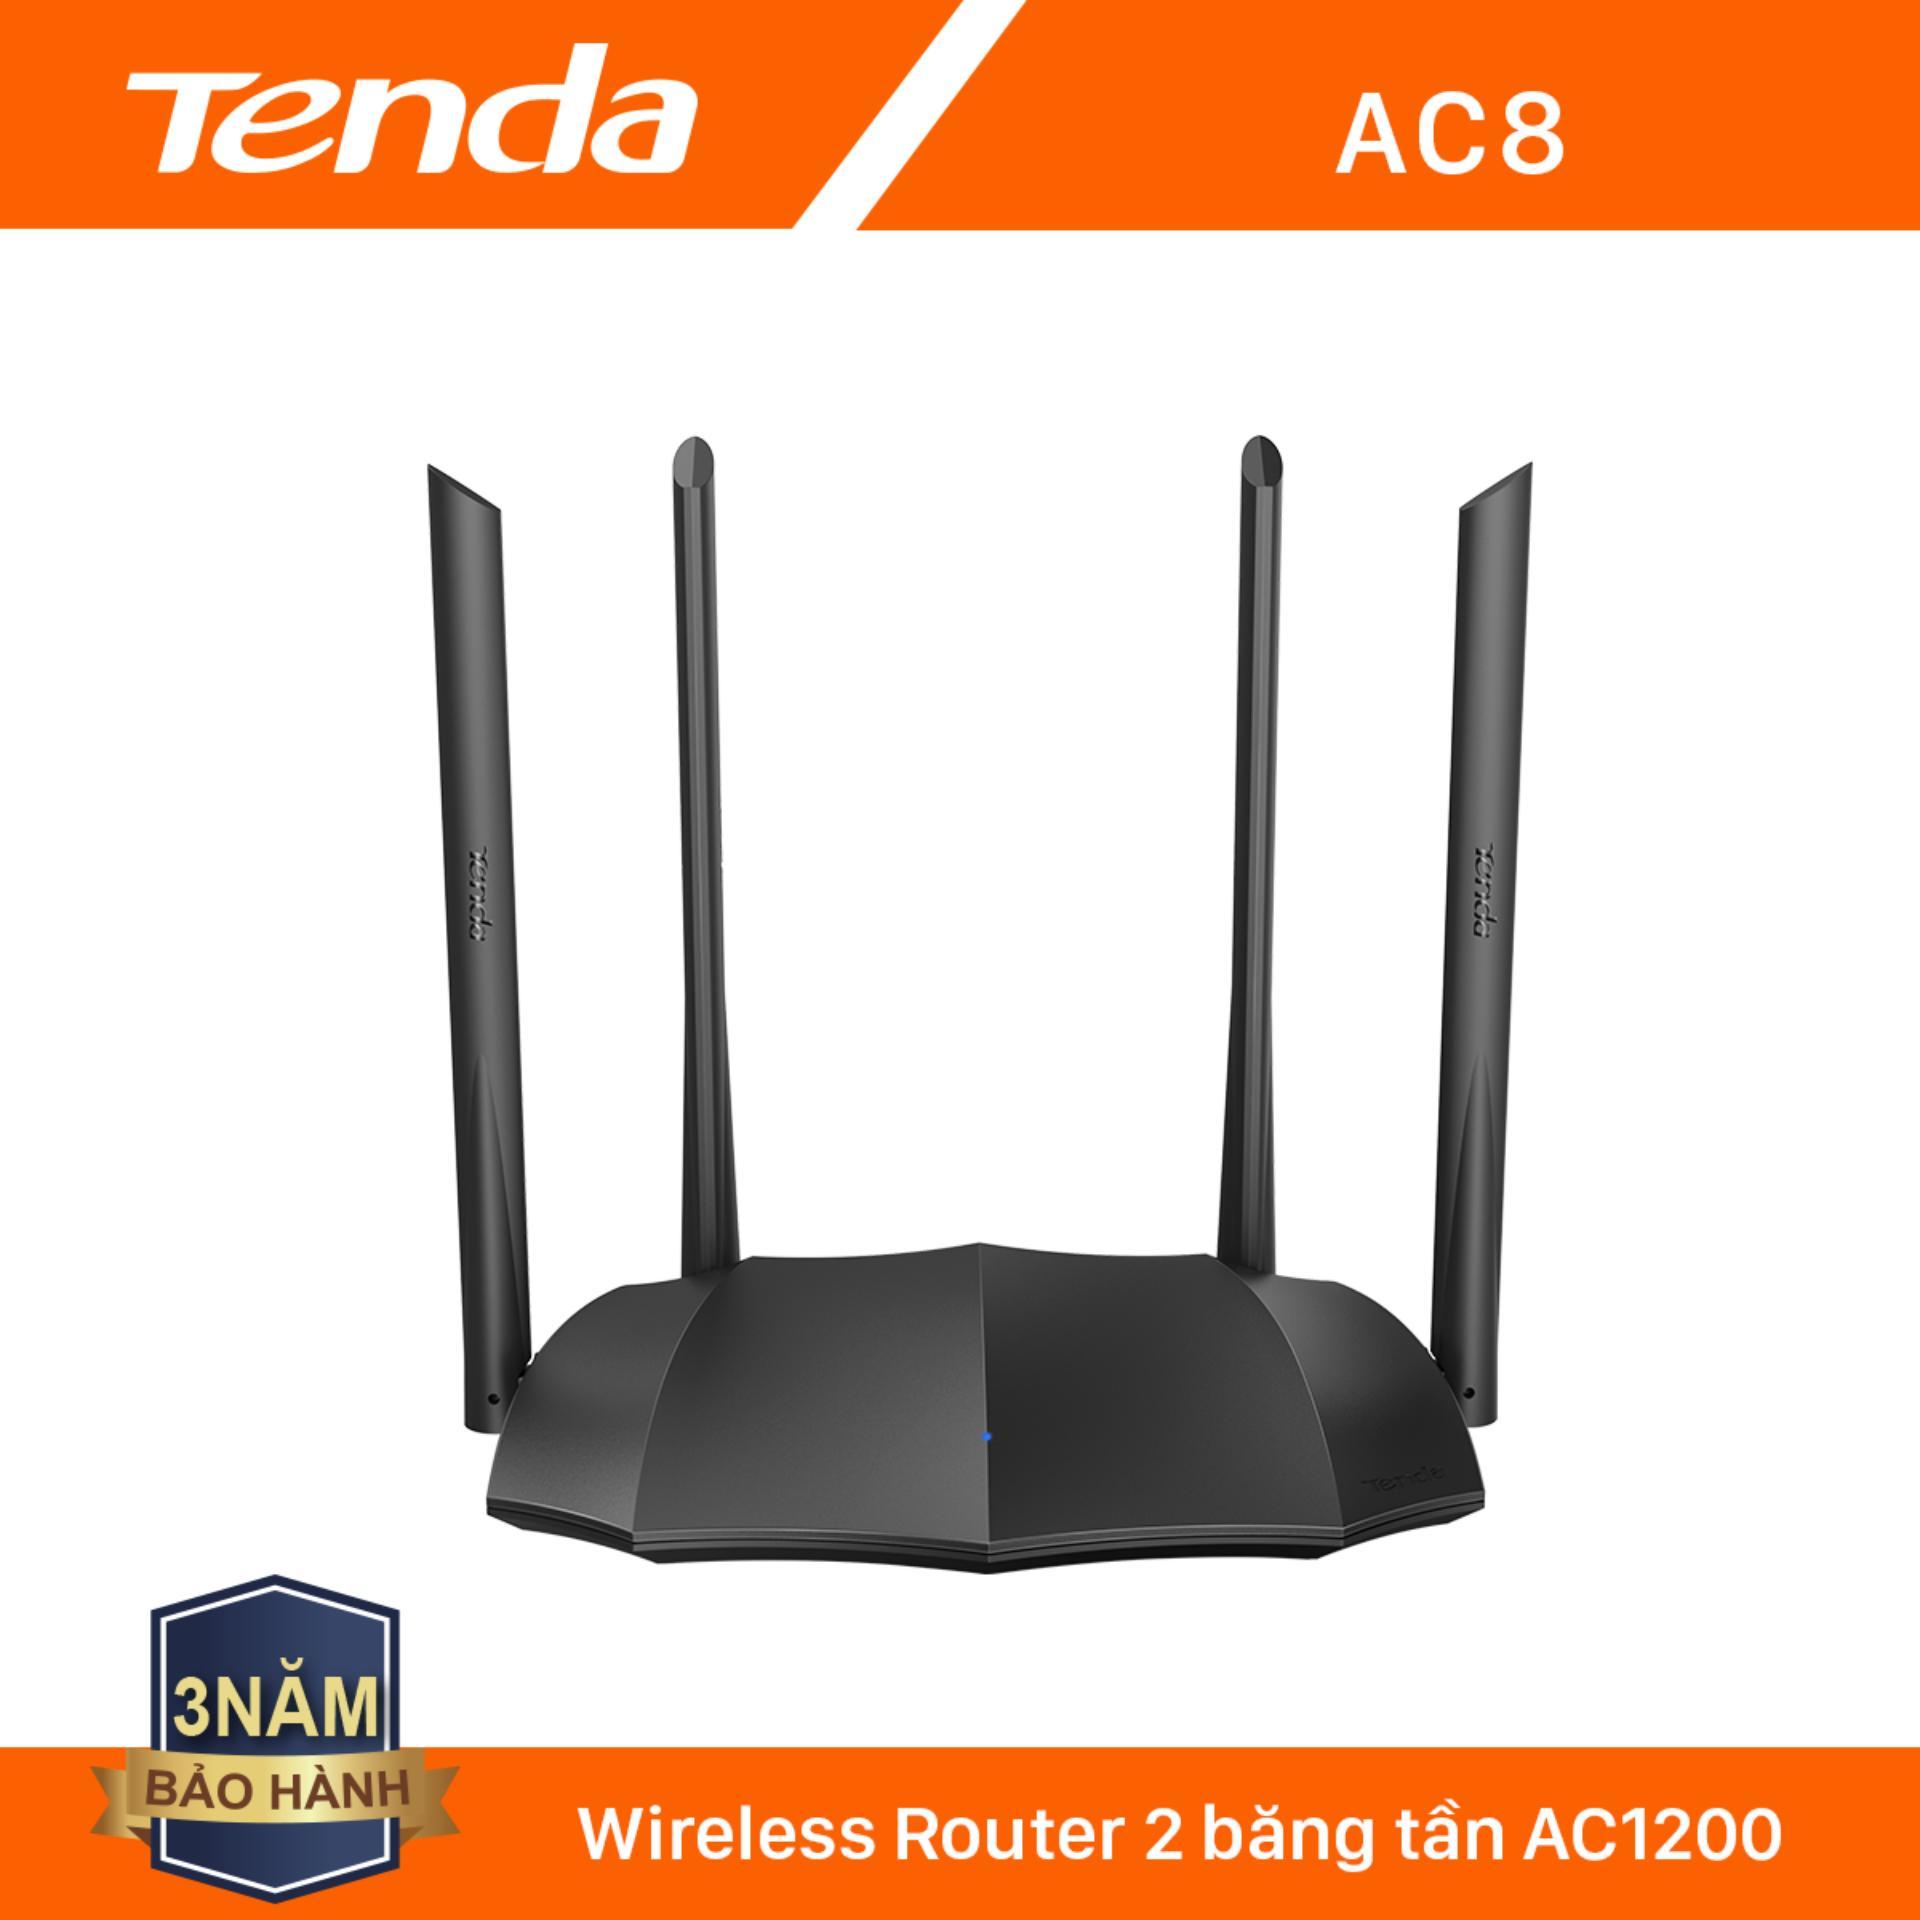 Giá Tenda Thiết bị phát Wifi AC8 Chuẩn AC 1200Mbps - Hãng phân phối chính thức